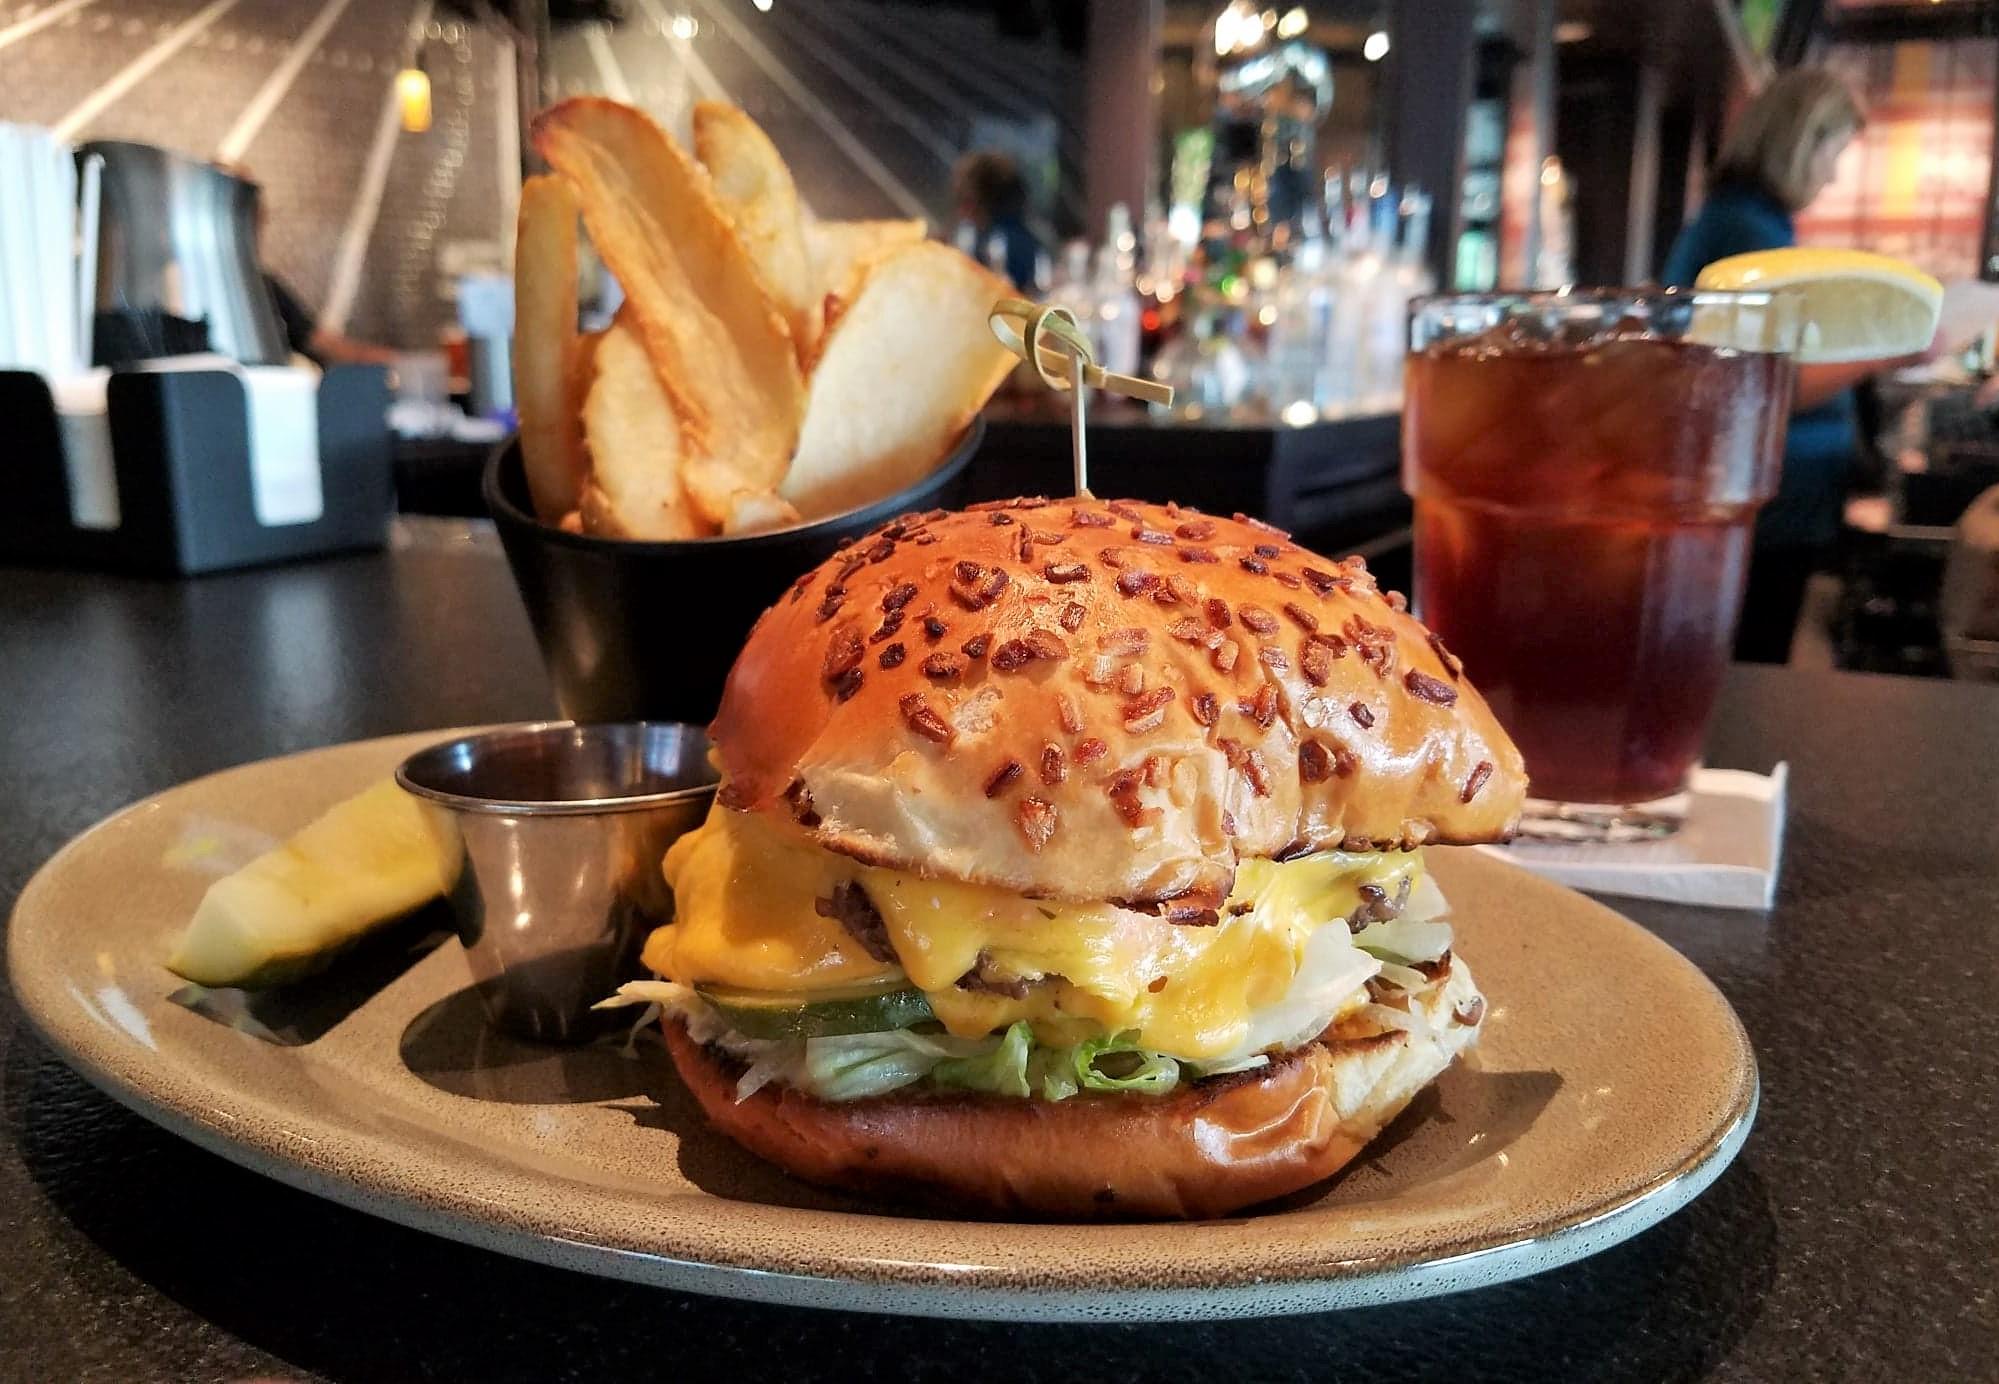 burger, fries, bar